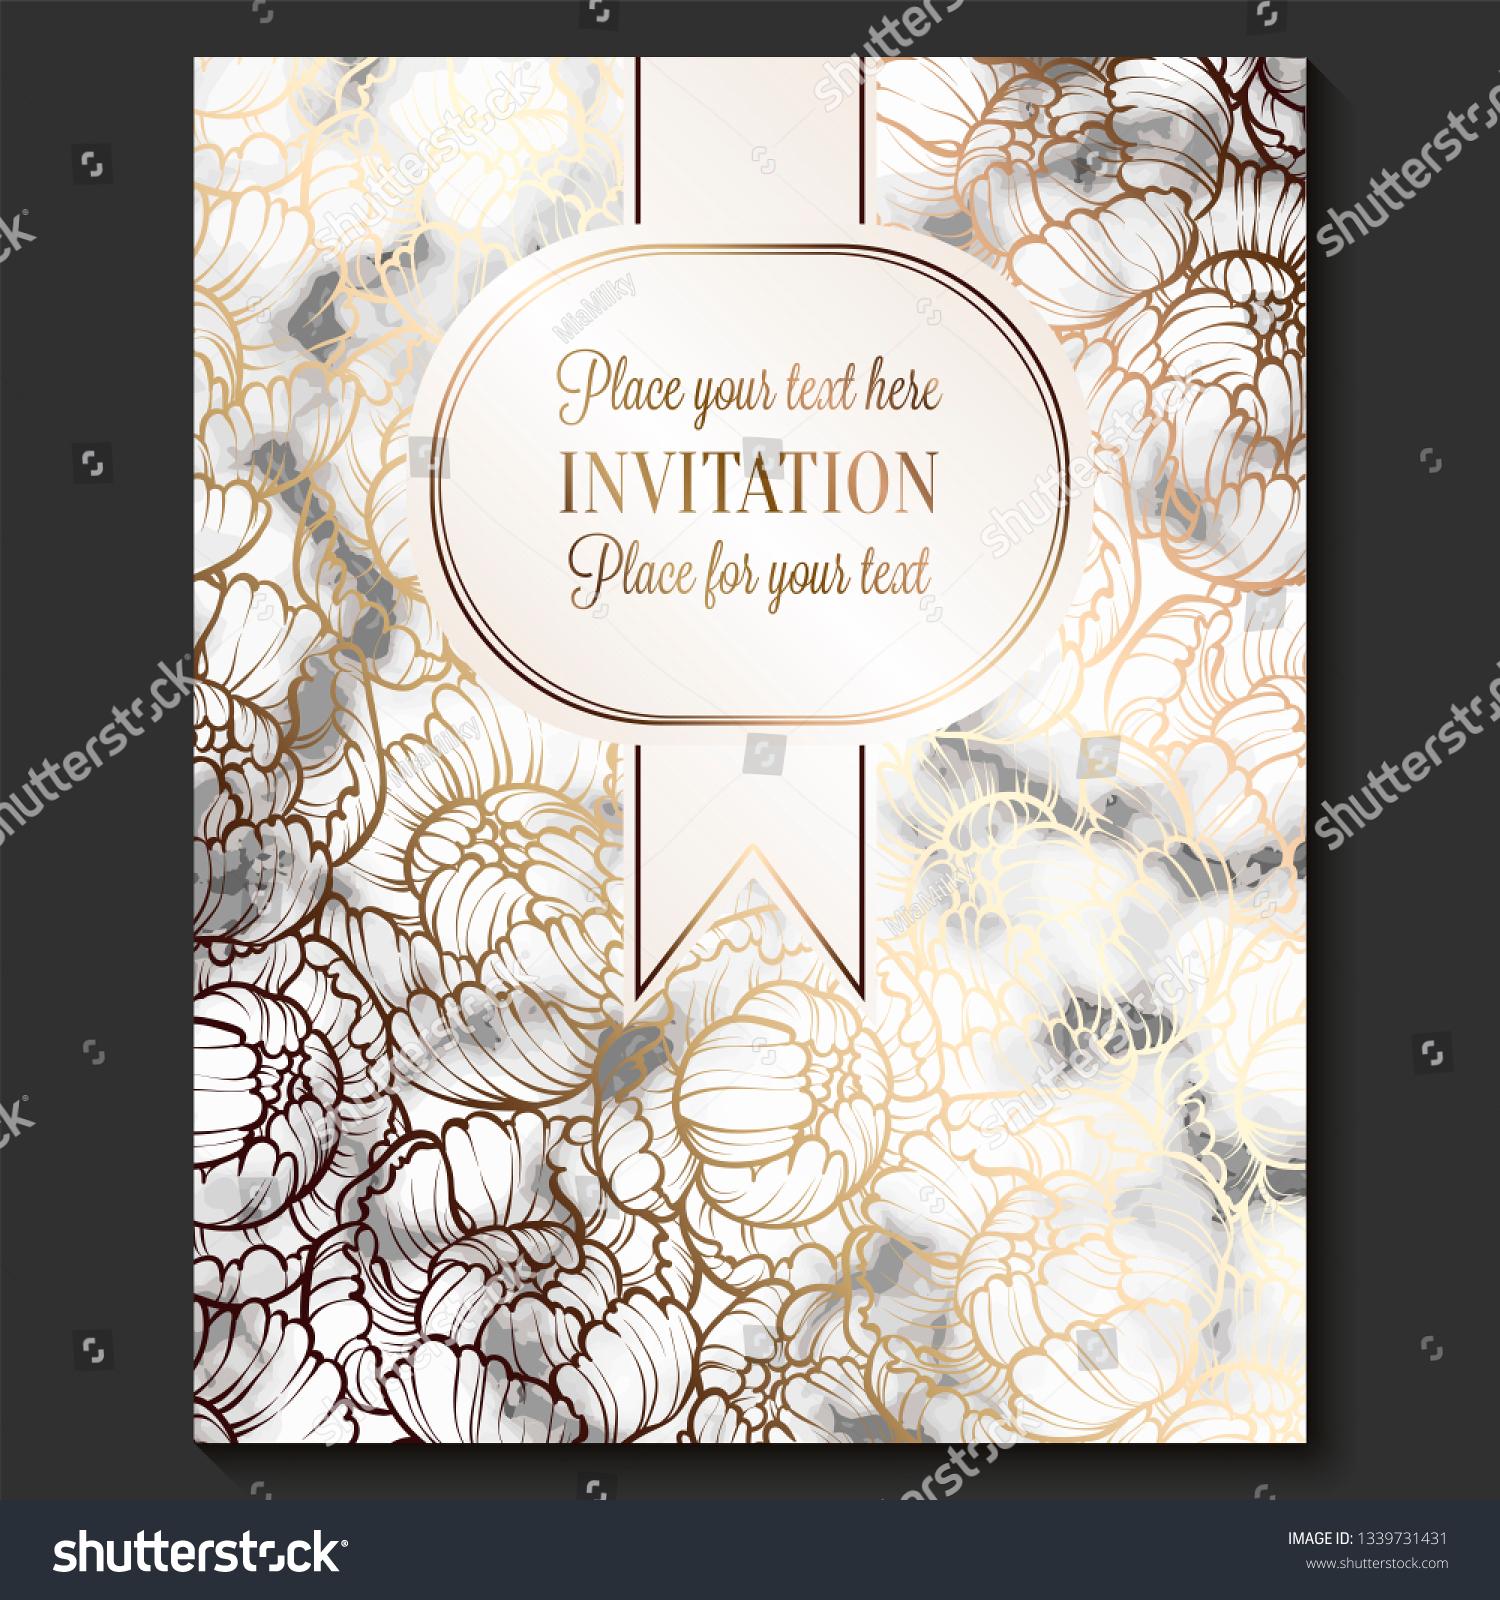 Luxury Elegant Wedding Invitation Cards Marble Stock Image ...